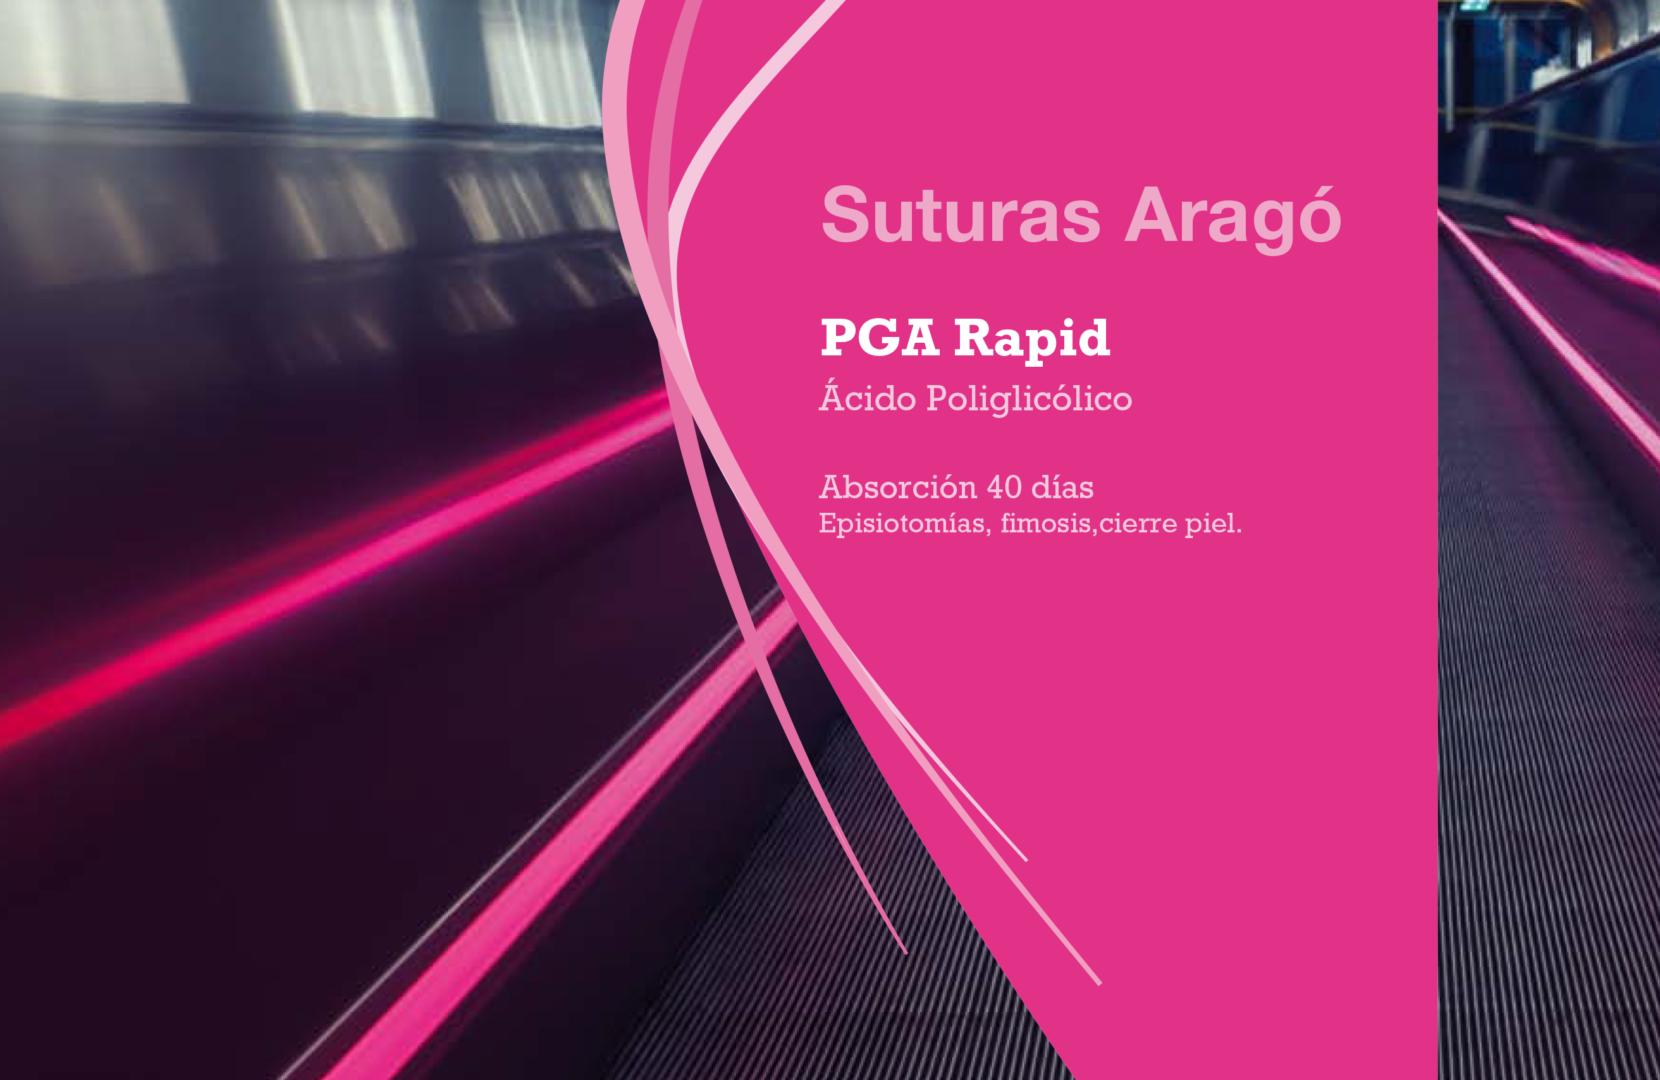 P.G.A. Rapid